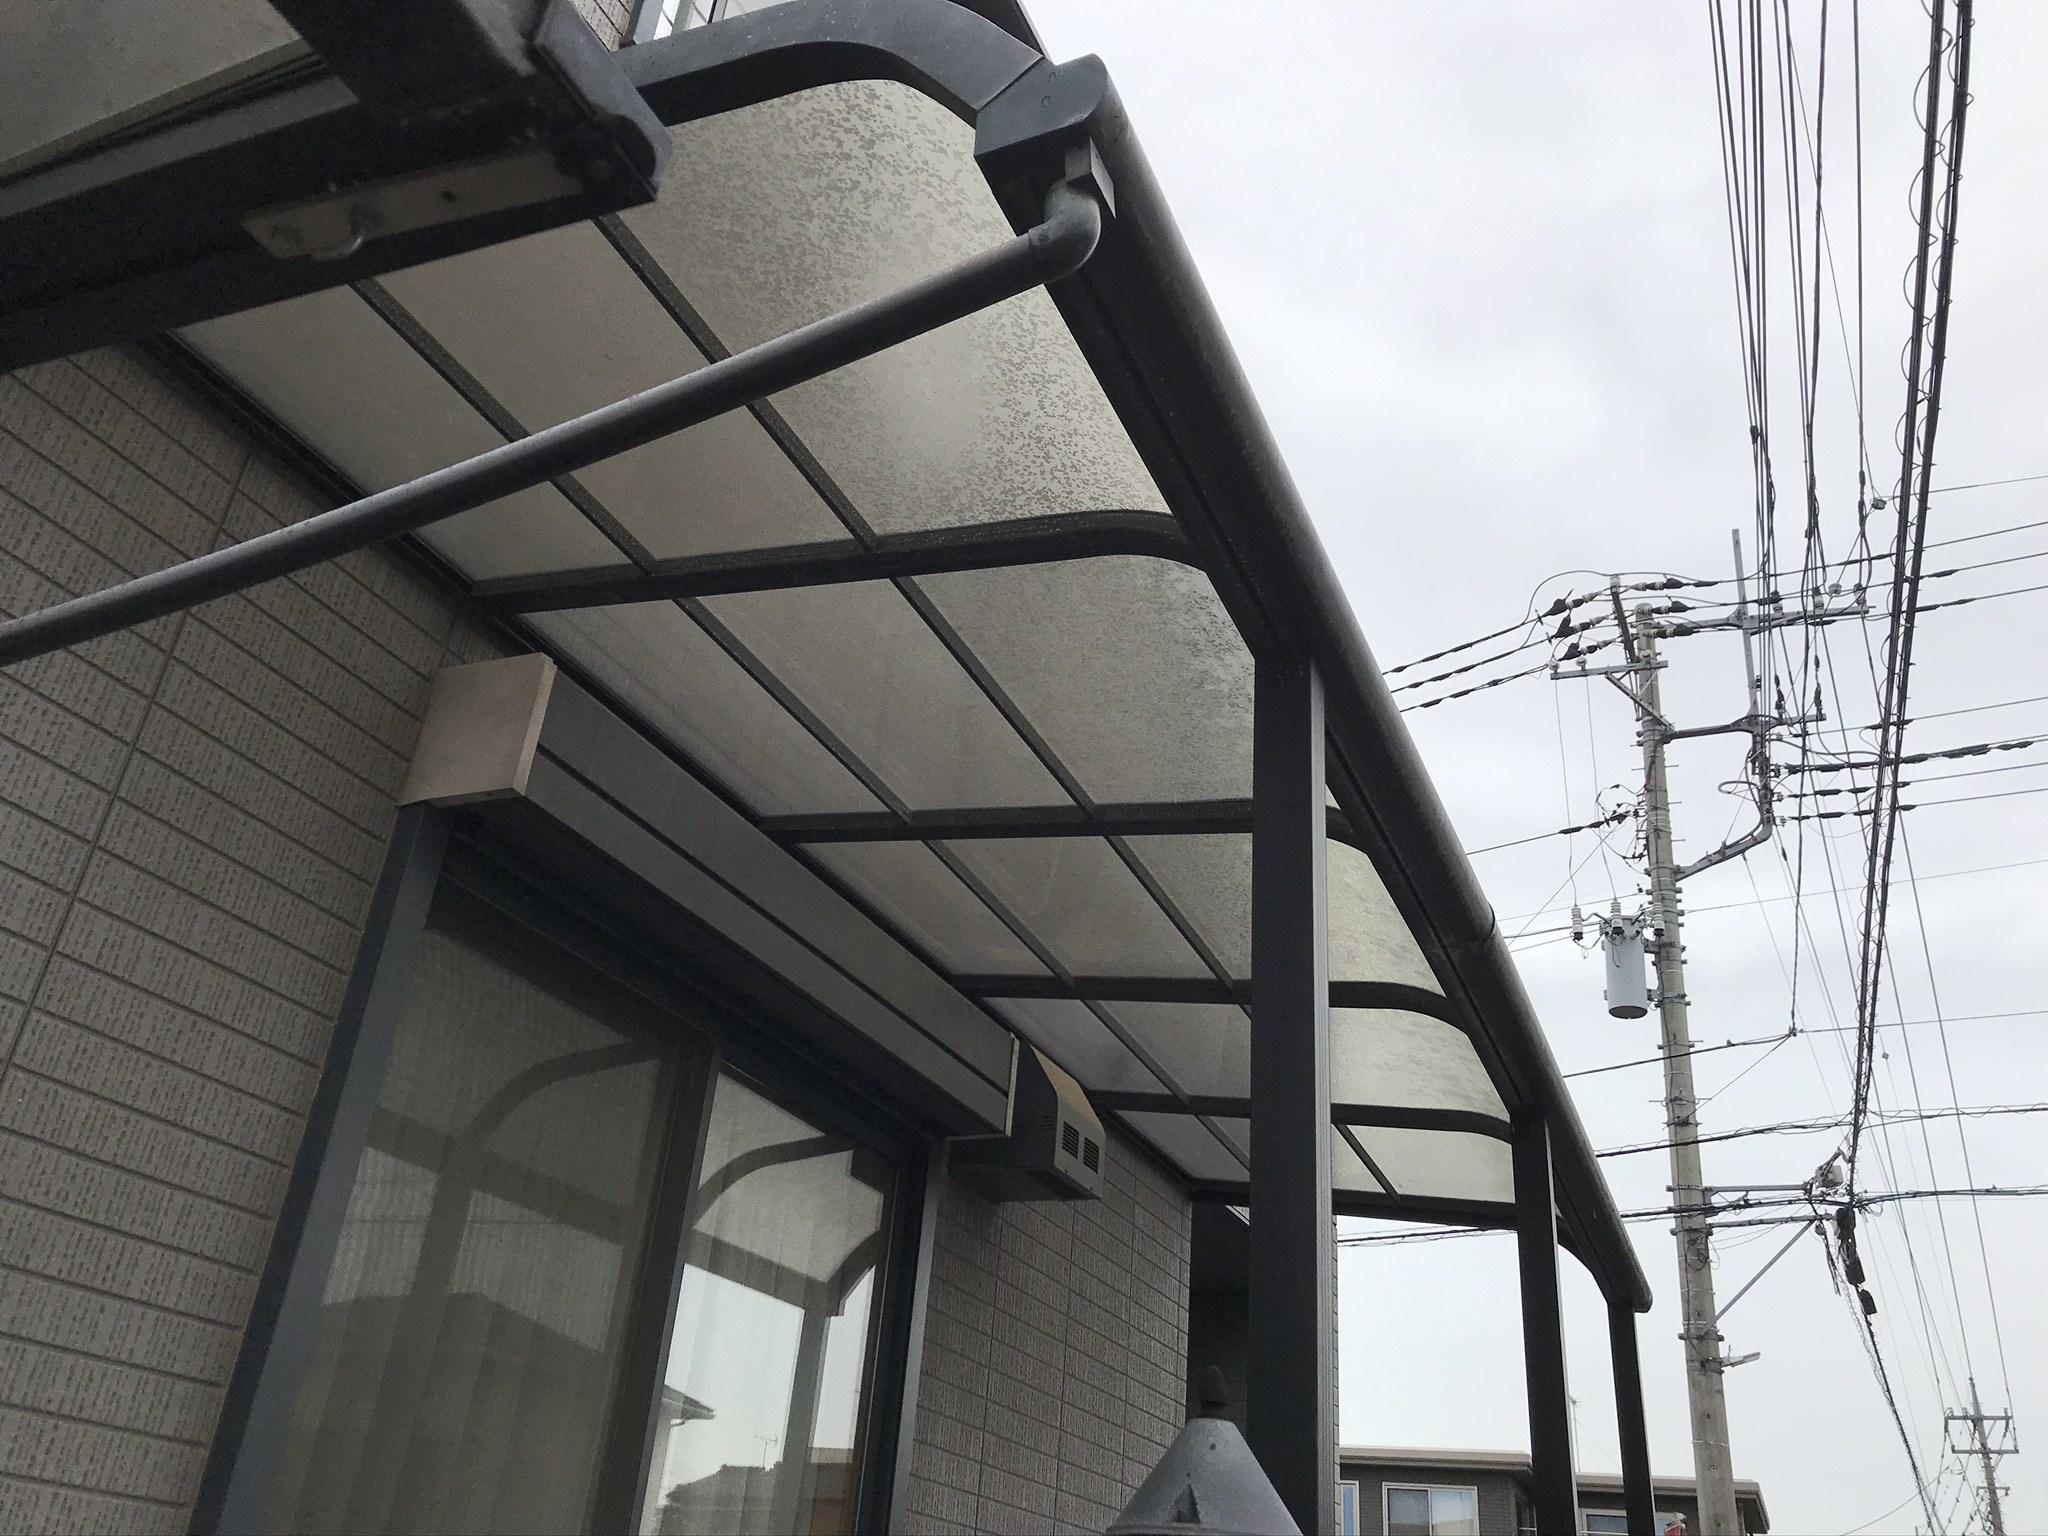 桶川市の屋根・外壁塗装の足場設置前にテラス屋根一時撤去